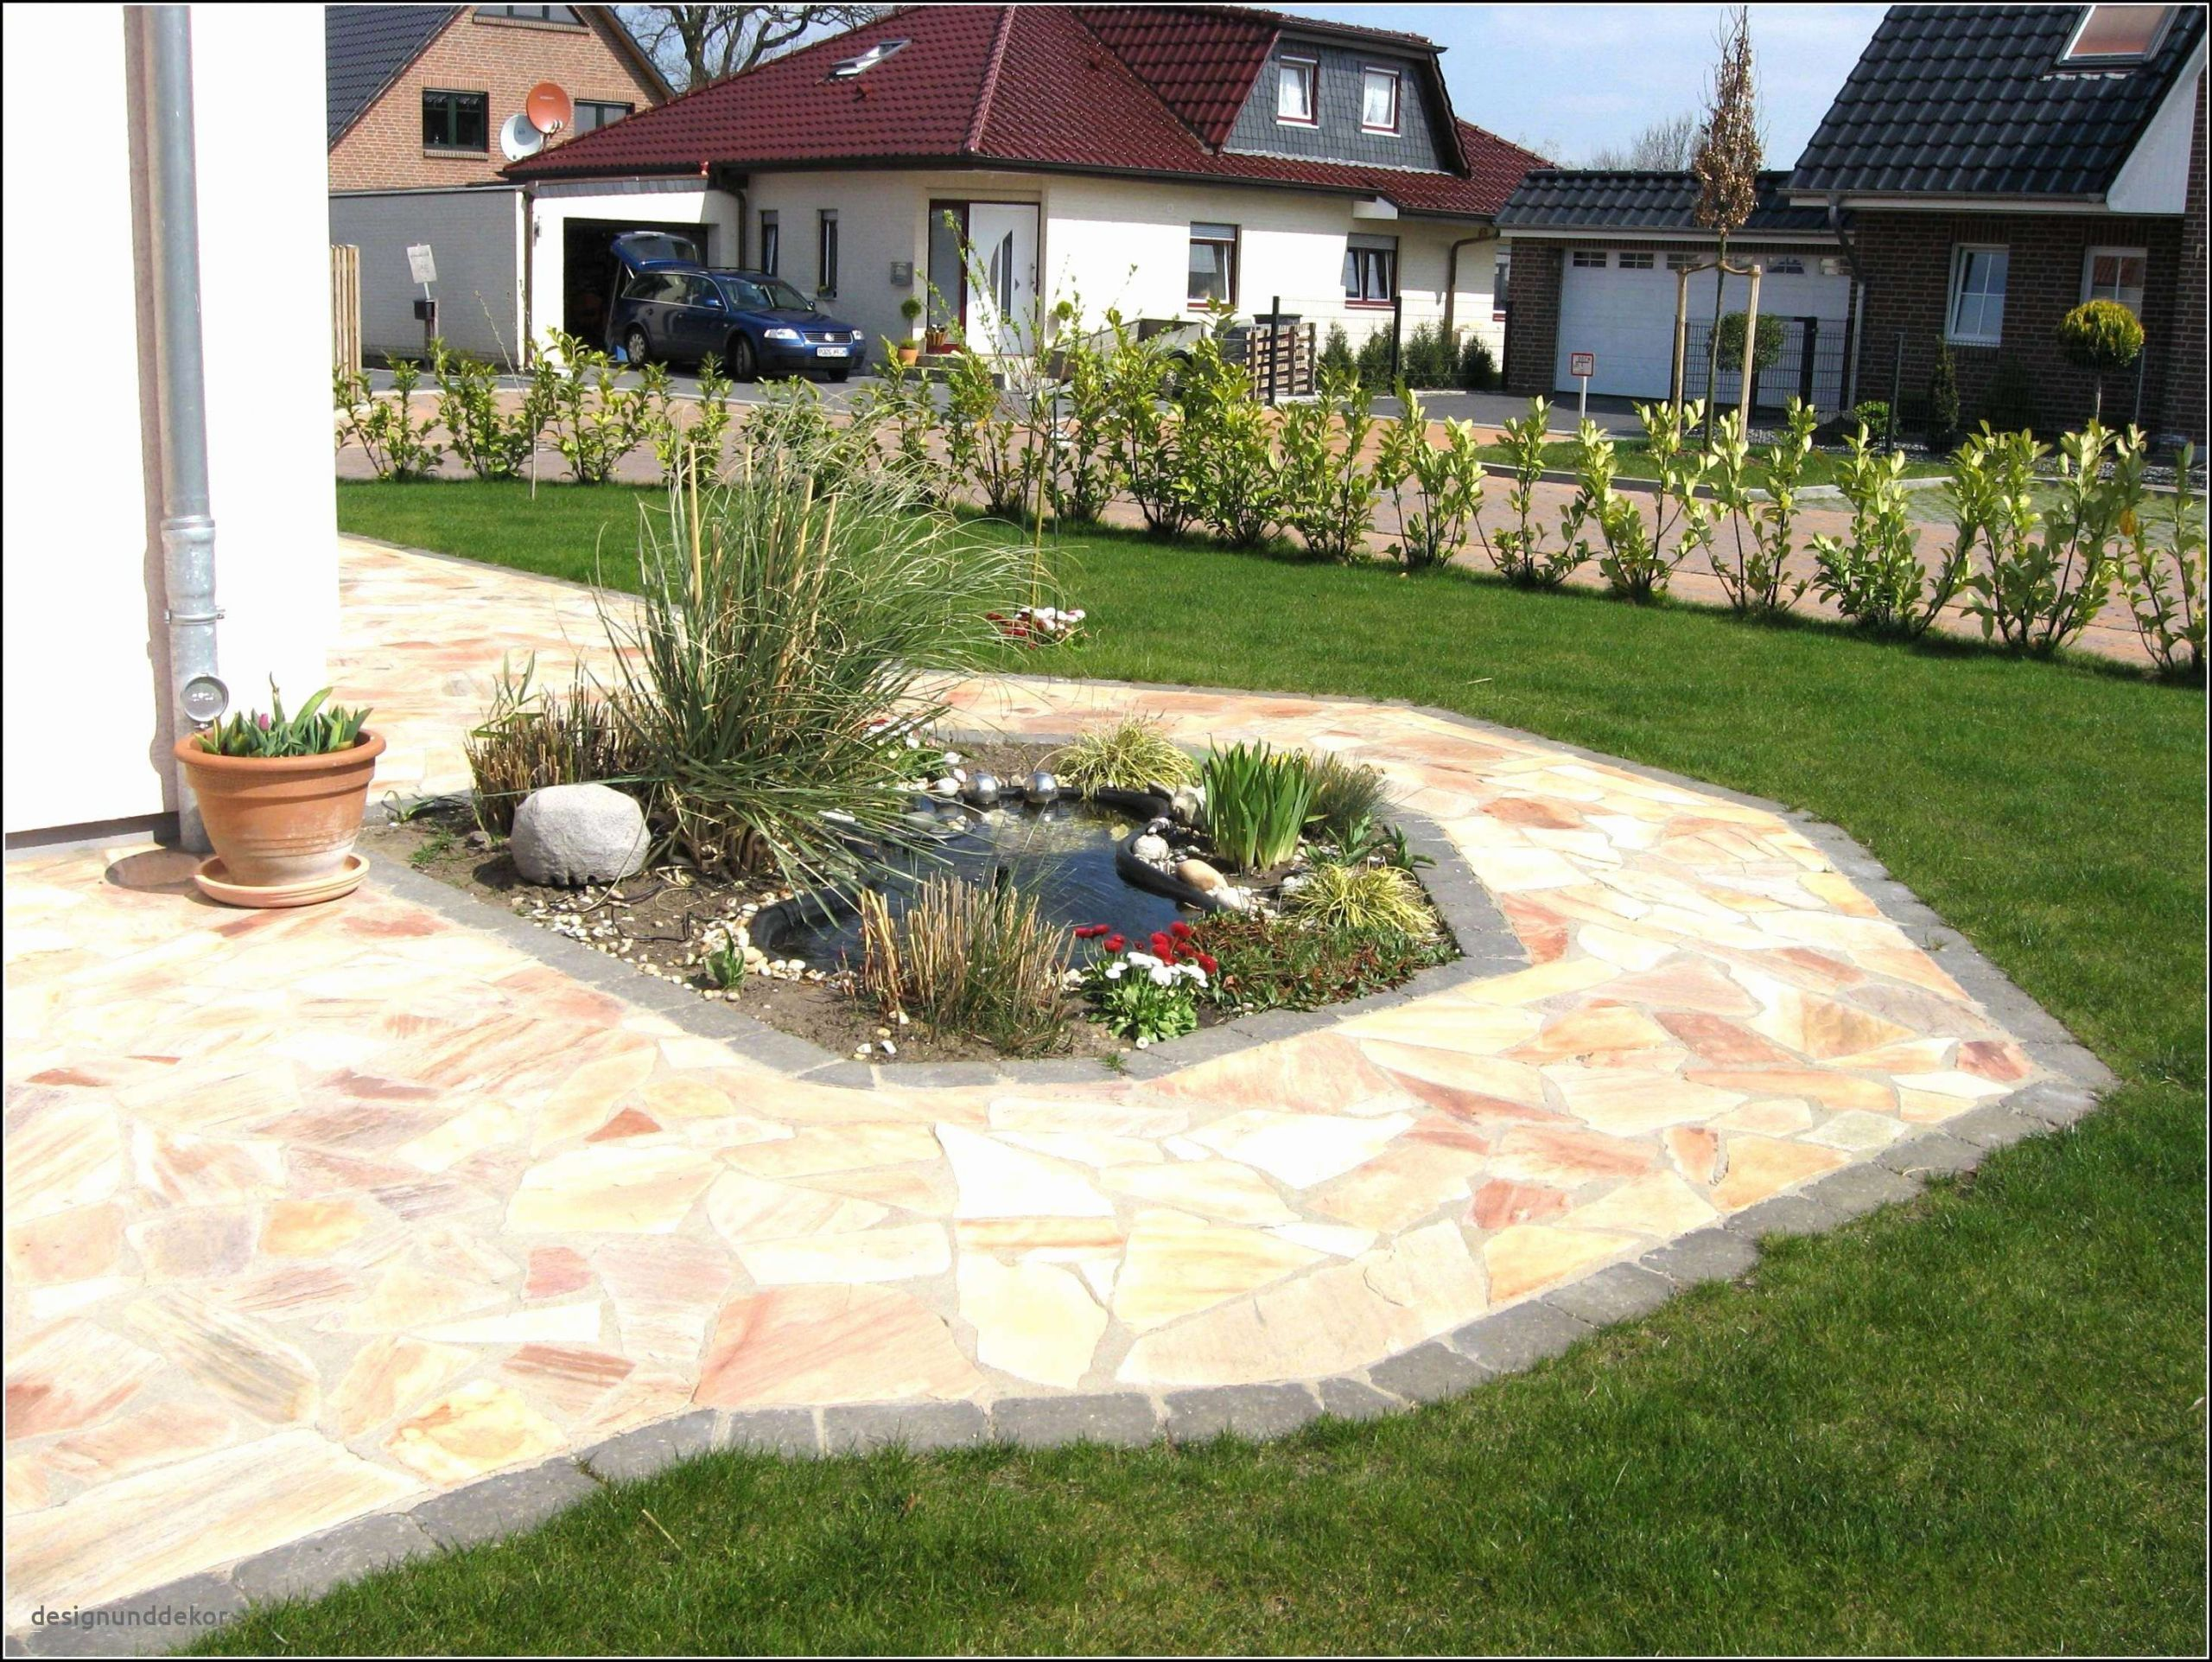 Bilder Gartengestaltung Schön Konzept 42 Für Gartengestaltung Bilder Kleiner Garten